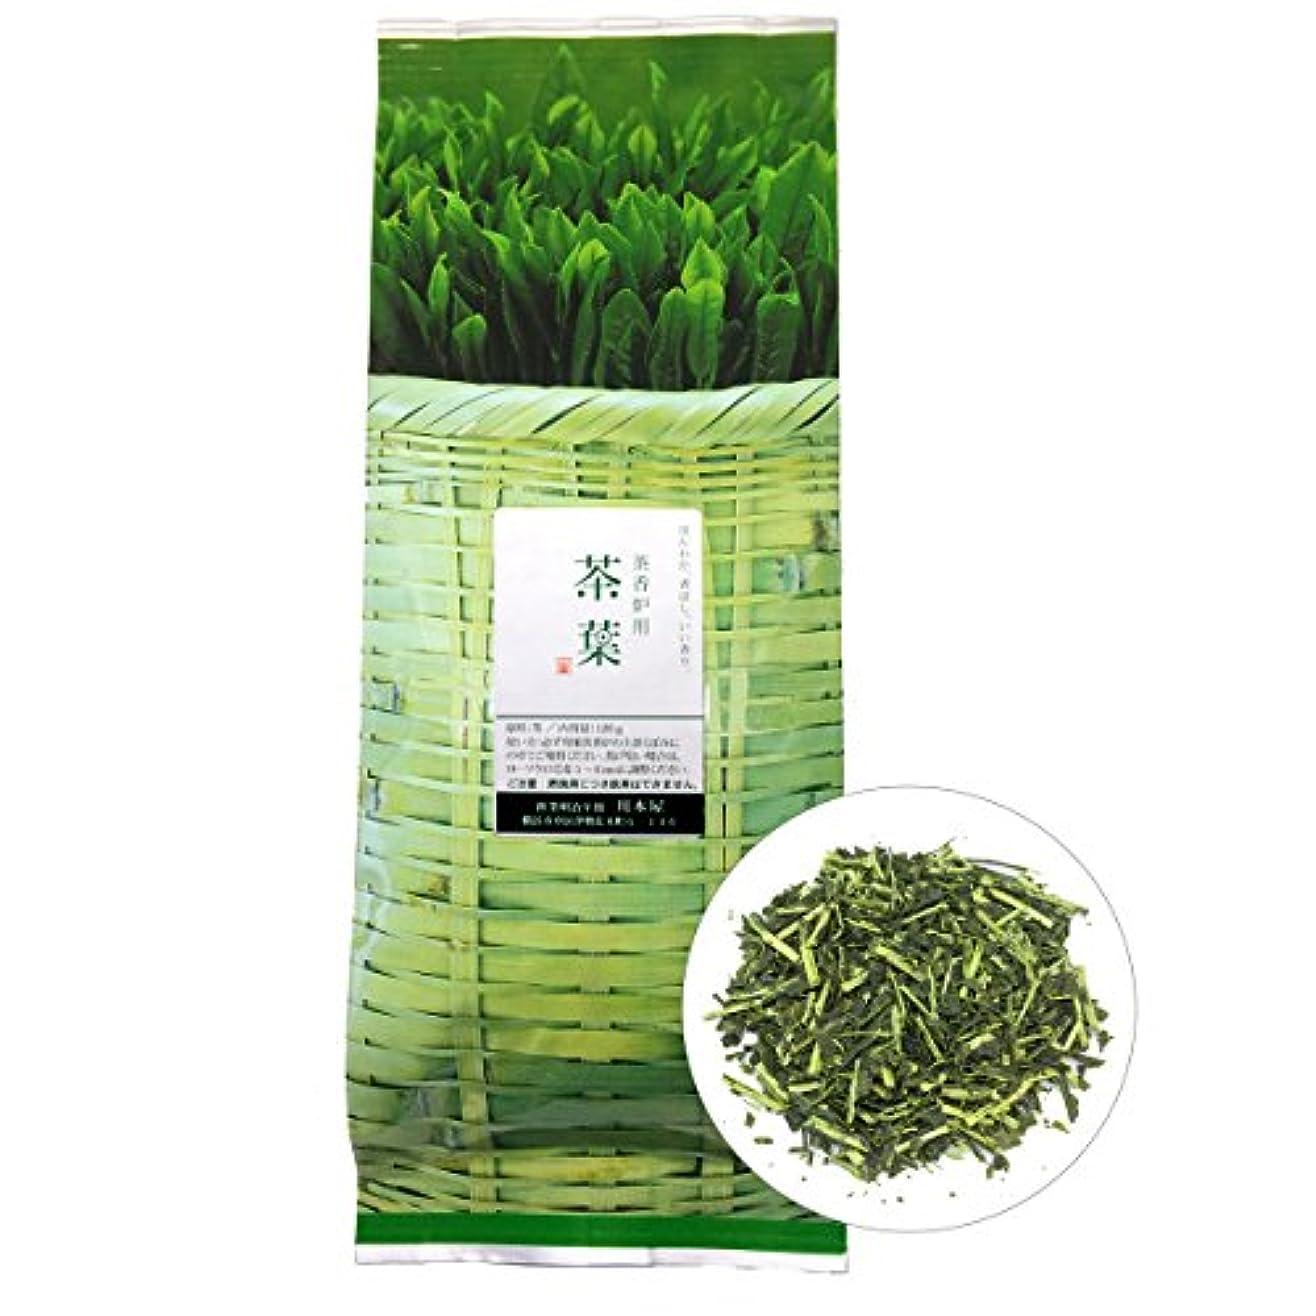 振幅現実的インタビュー国産 茶香炉専用 茶葉110g (1袋) 川本屋茶舗